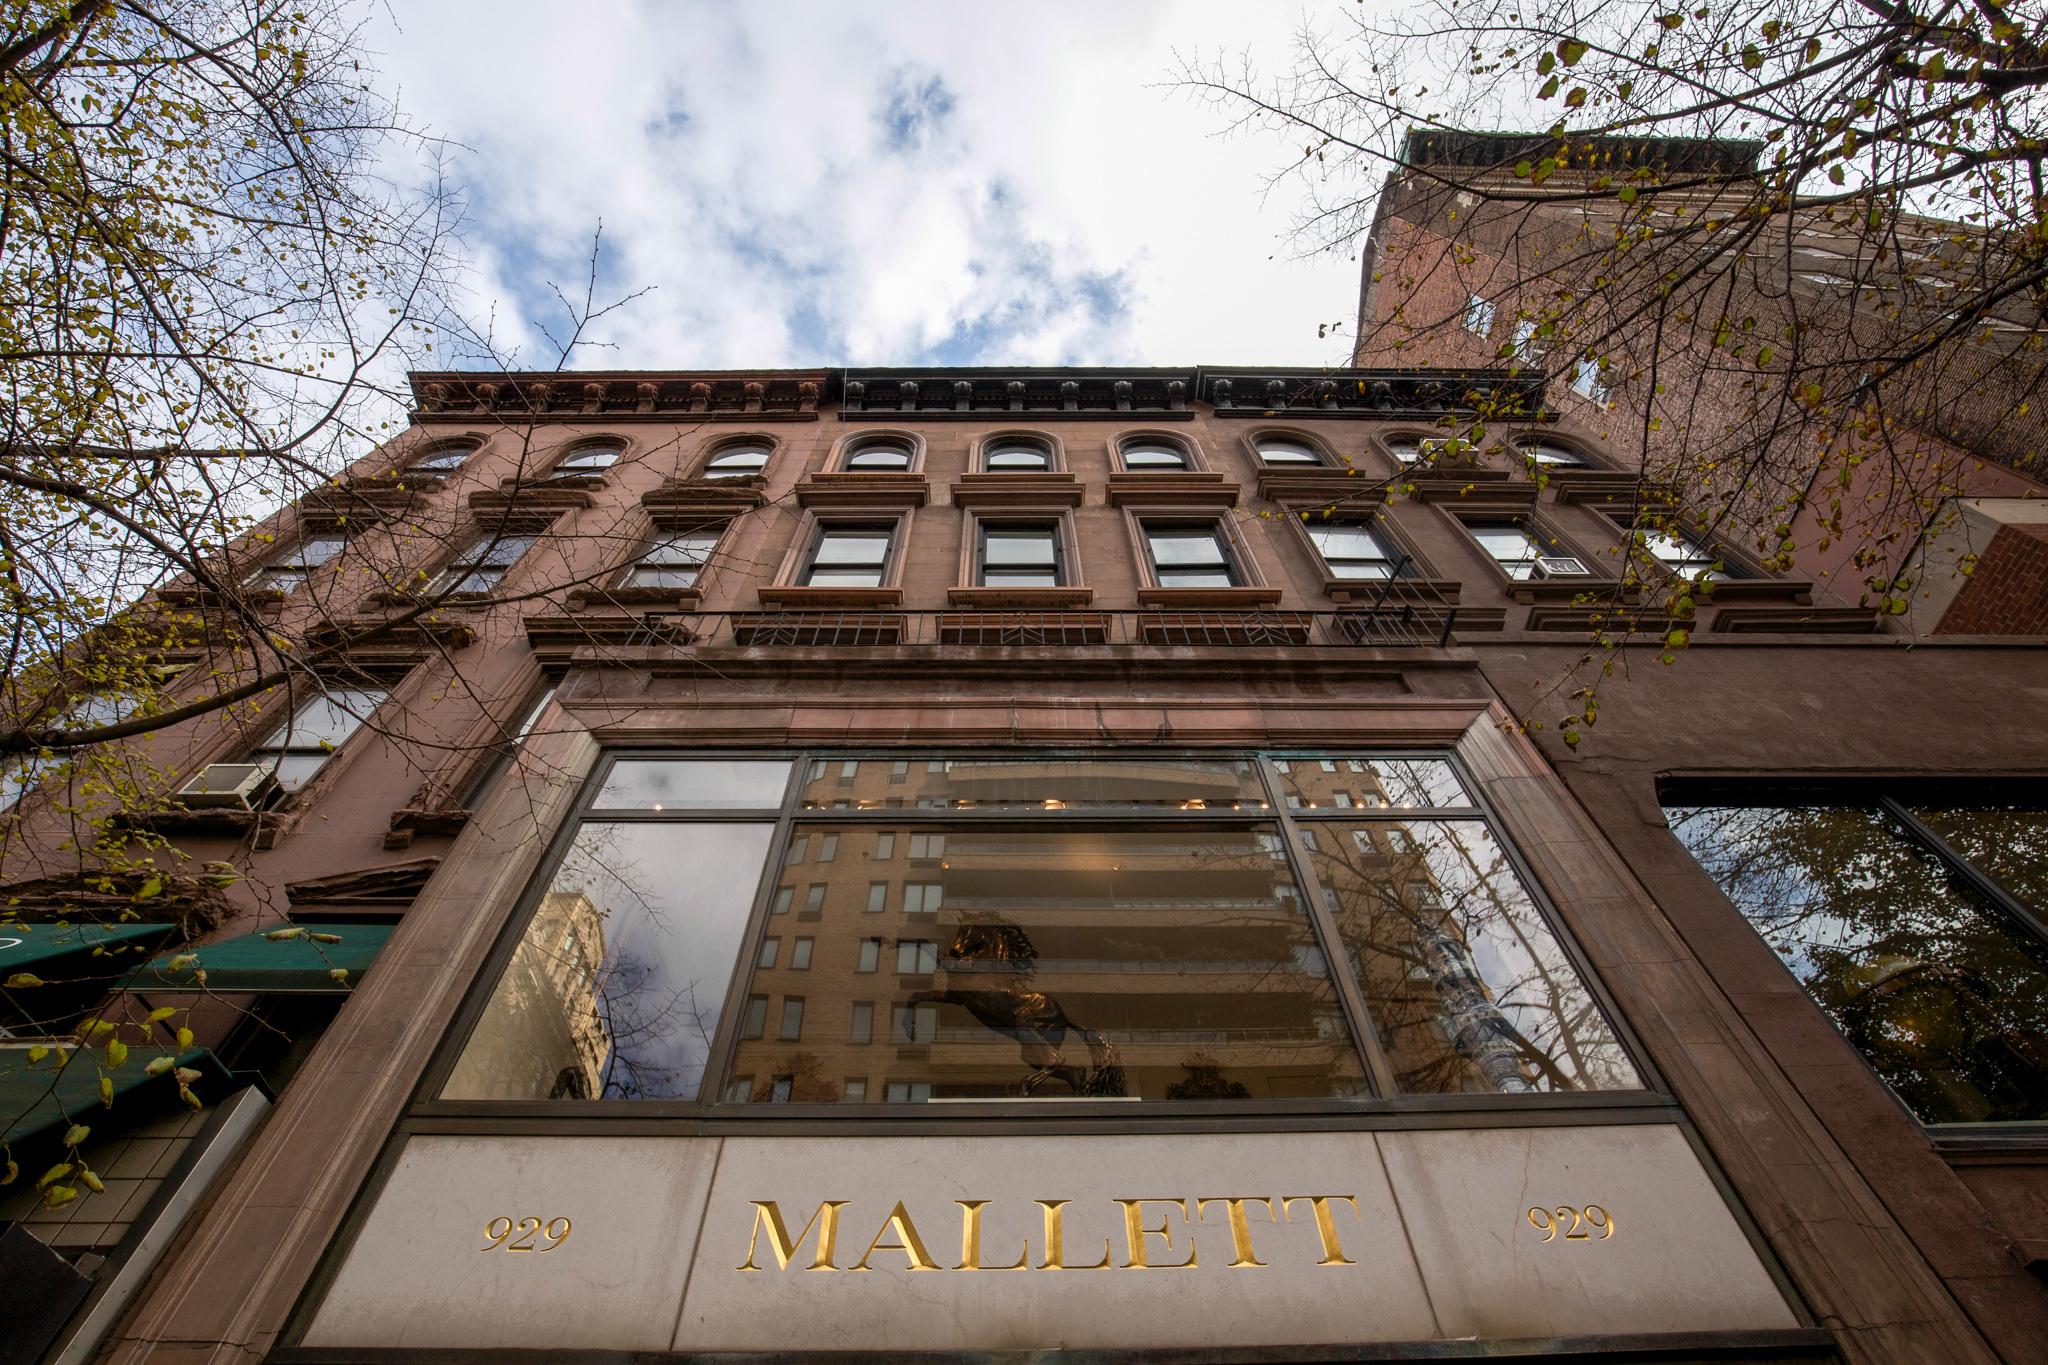 070 - 929 Madison Avenue.a